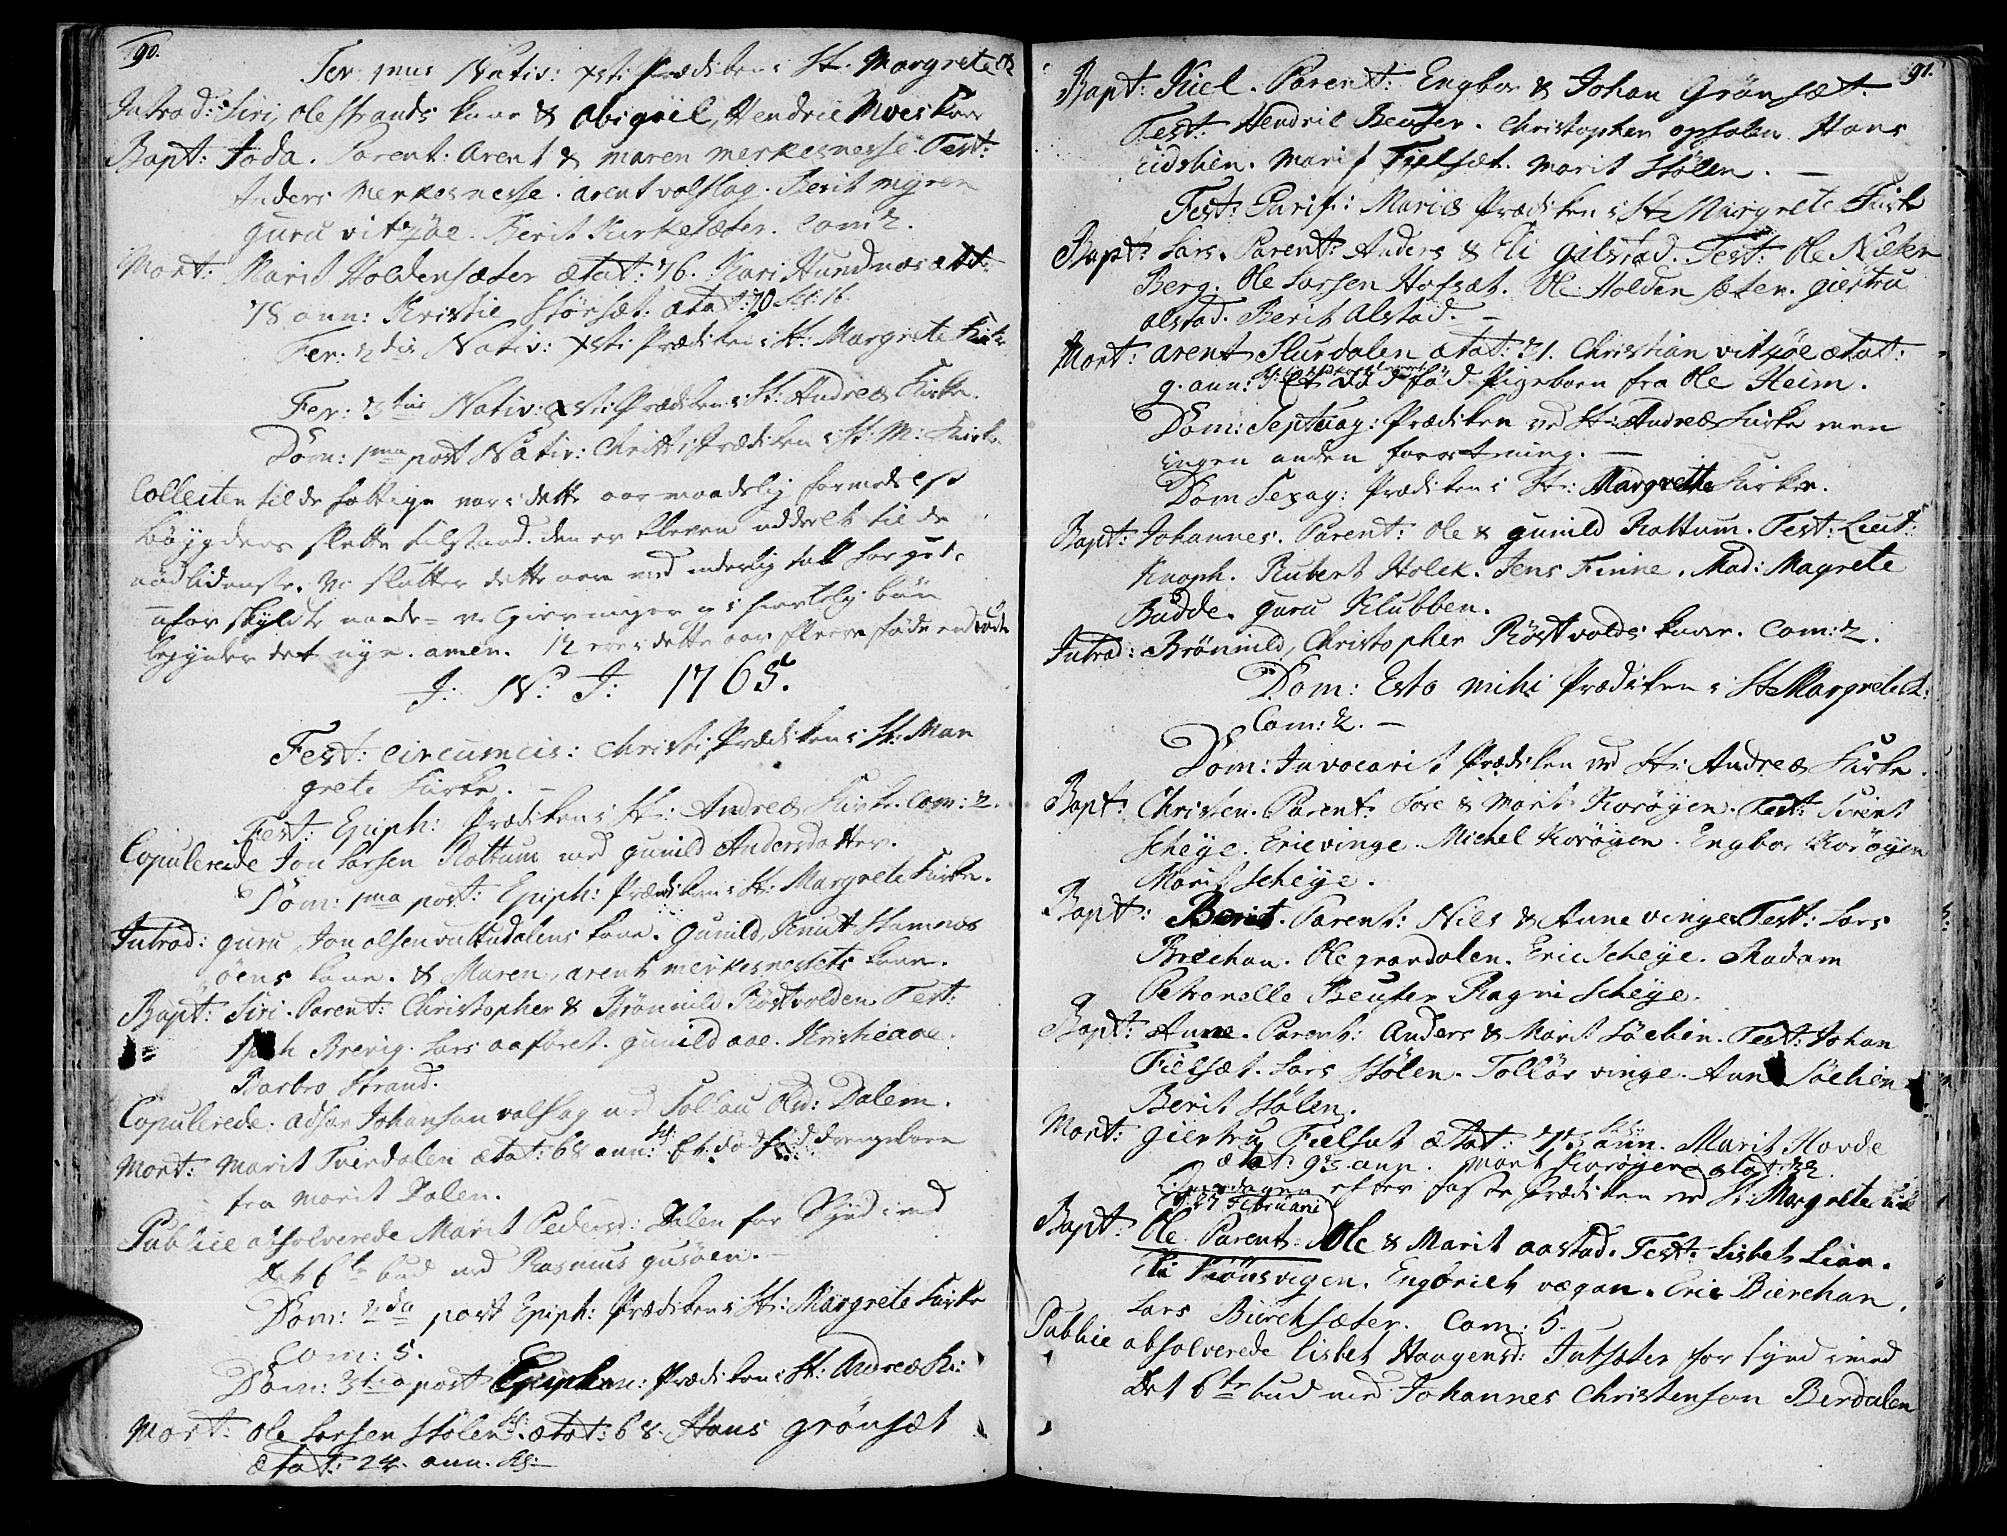 SAT, Ministerialprotokoller, klokkerbøker og fødselsregistre - Sør-Trøndelag, 630/L0489: Ministerialbok nr. 630A02, 1757-1794, s. 90-91